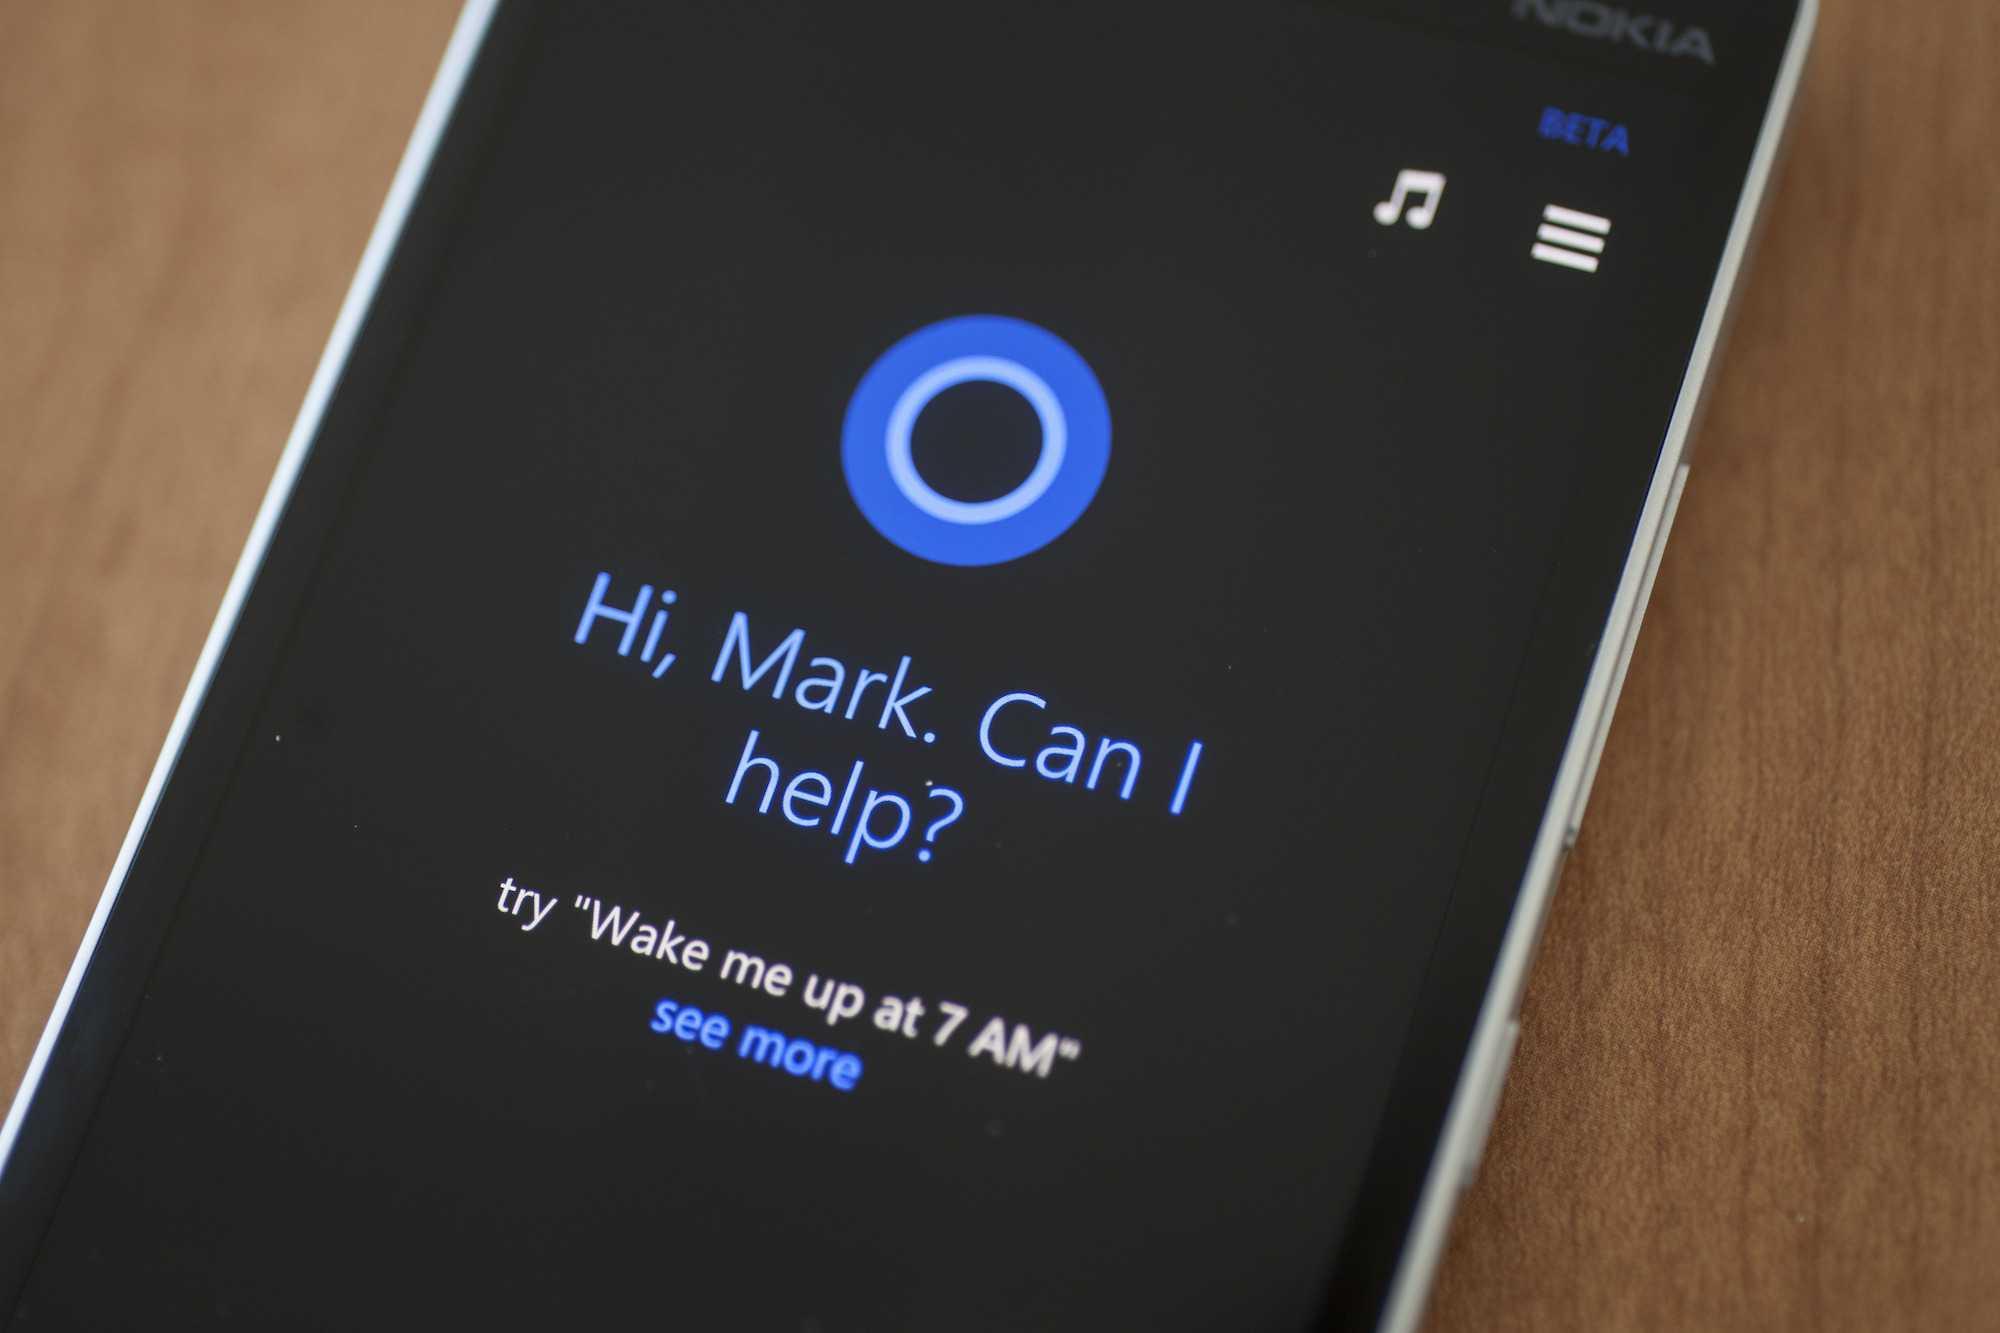 Microsoft a un allié inattendu dans son assaut sur Android: Cheetah Mobile